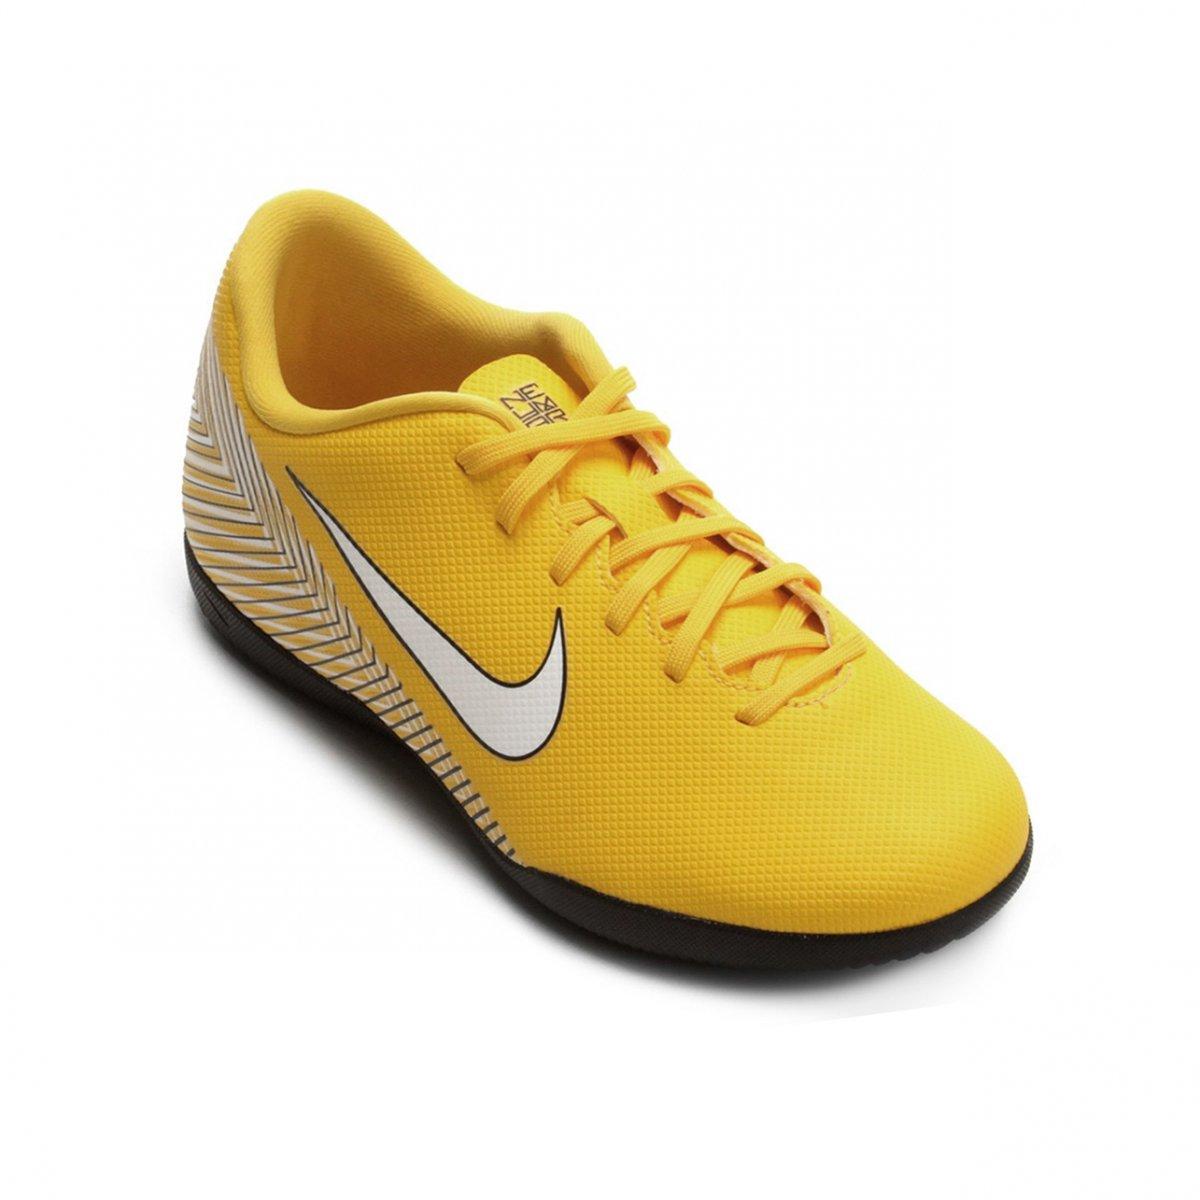 Indoor Infantil Nike MercurialX Neymar Vapor XII AO9477-710 Amarelo Preto e3cfd57078c5a